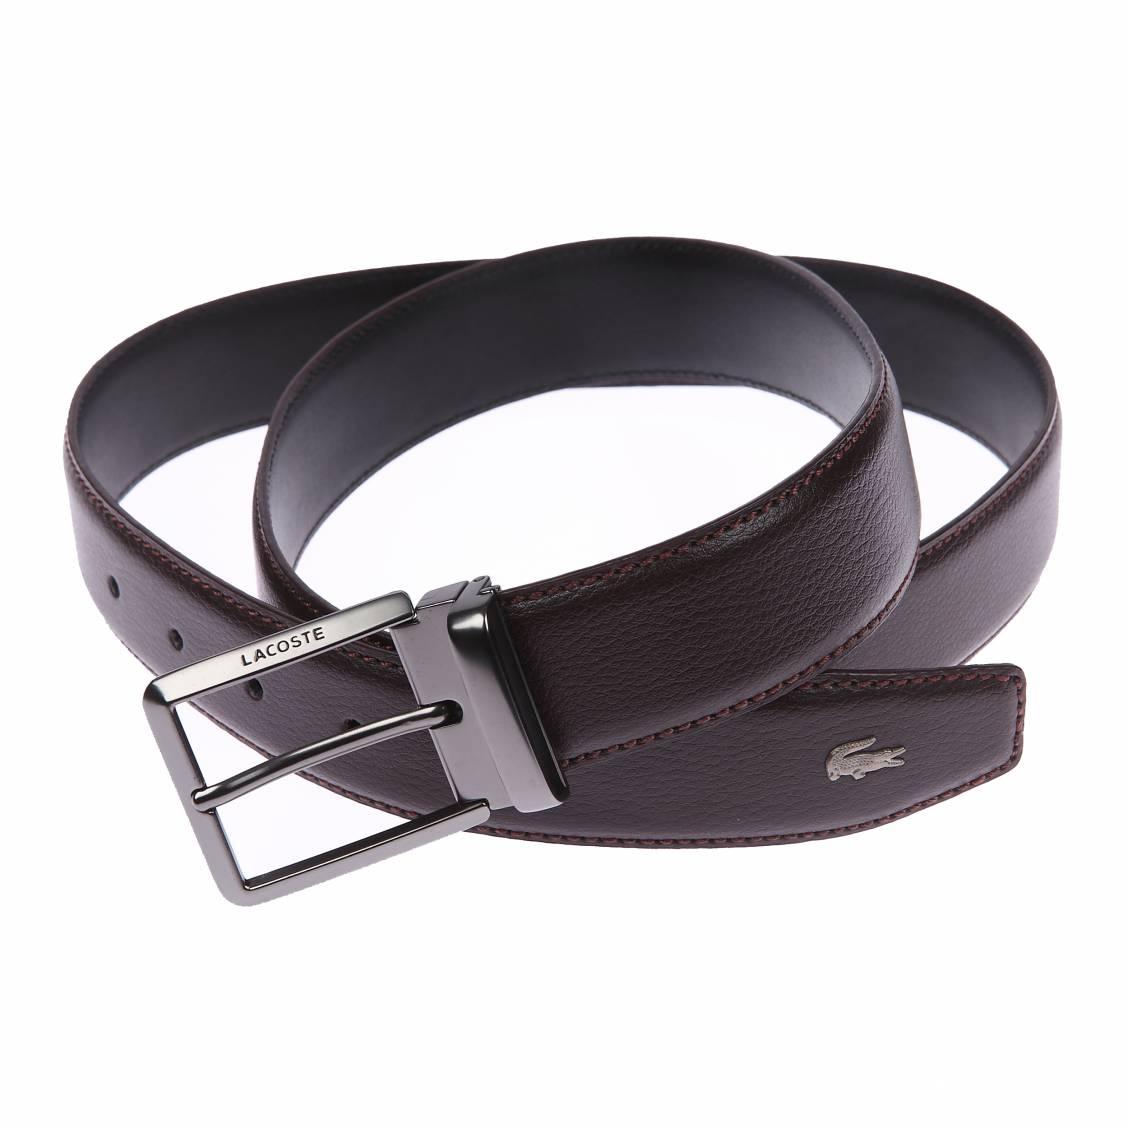 Lacoste - ceinture